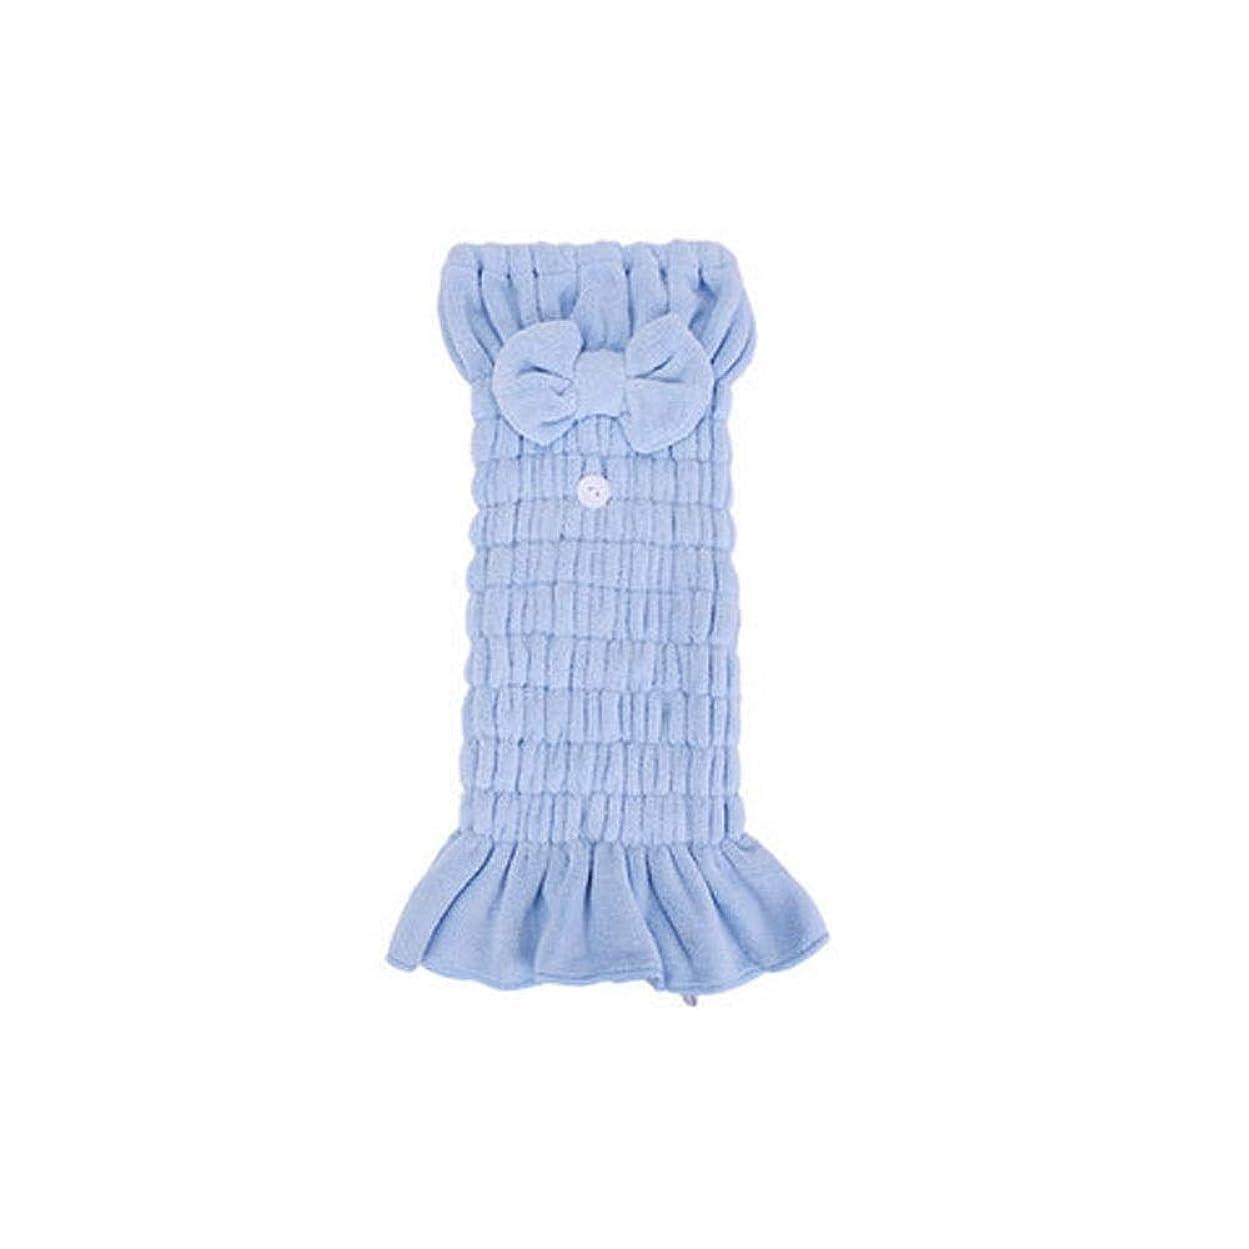 で出来ている引っ張る構造シャワーキャップ、豪華なシャワーキャップのすべての髪の長さと厚さのためのかわいいドライシャワーキャップ、肌に優しいサンゴフリース生地、再利用可能なシャワー。 (Color : A-Blue)